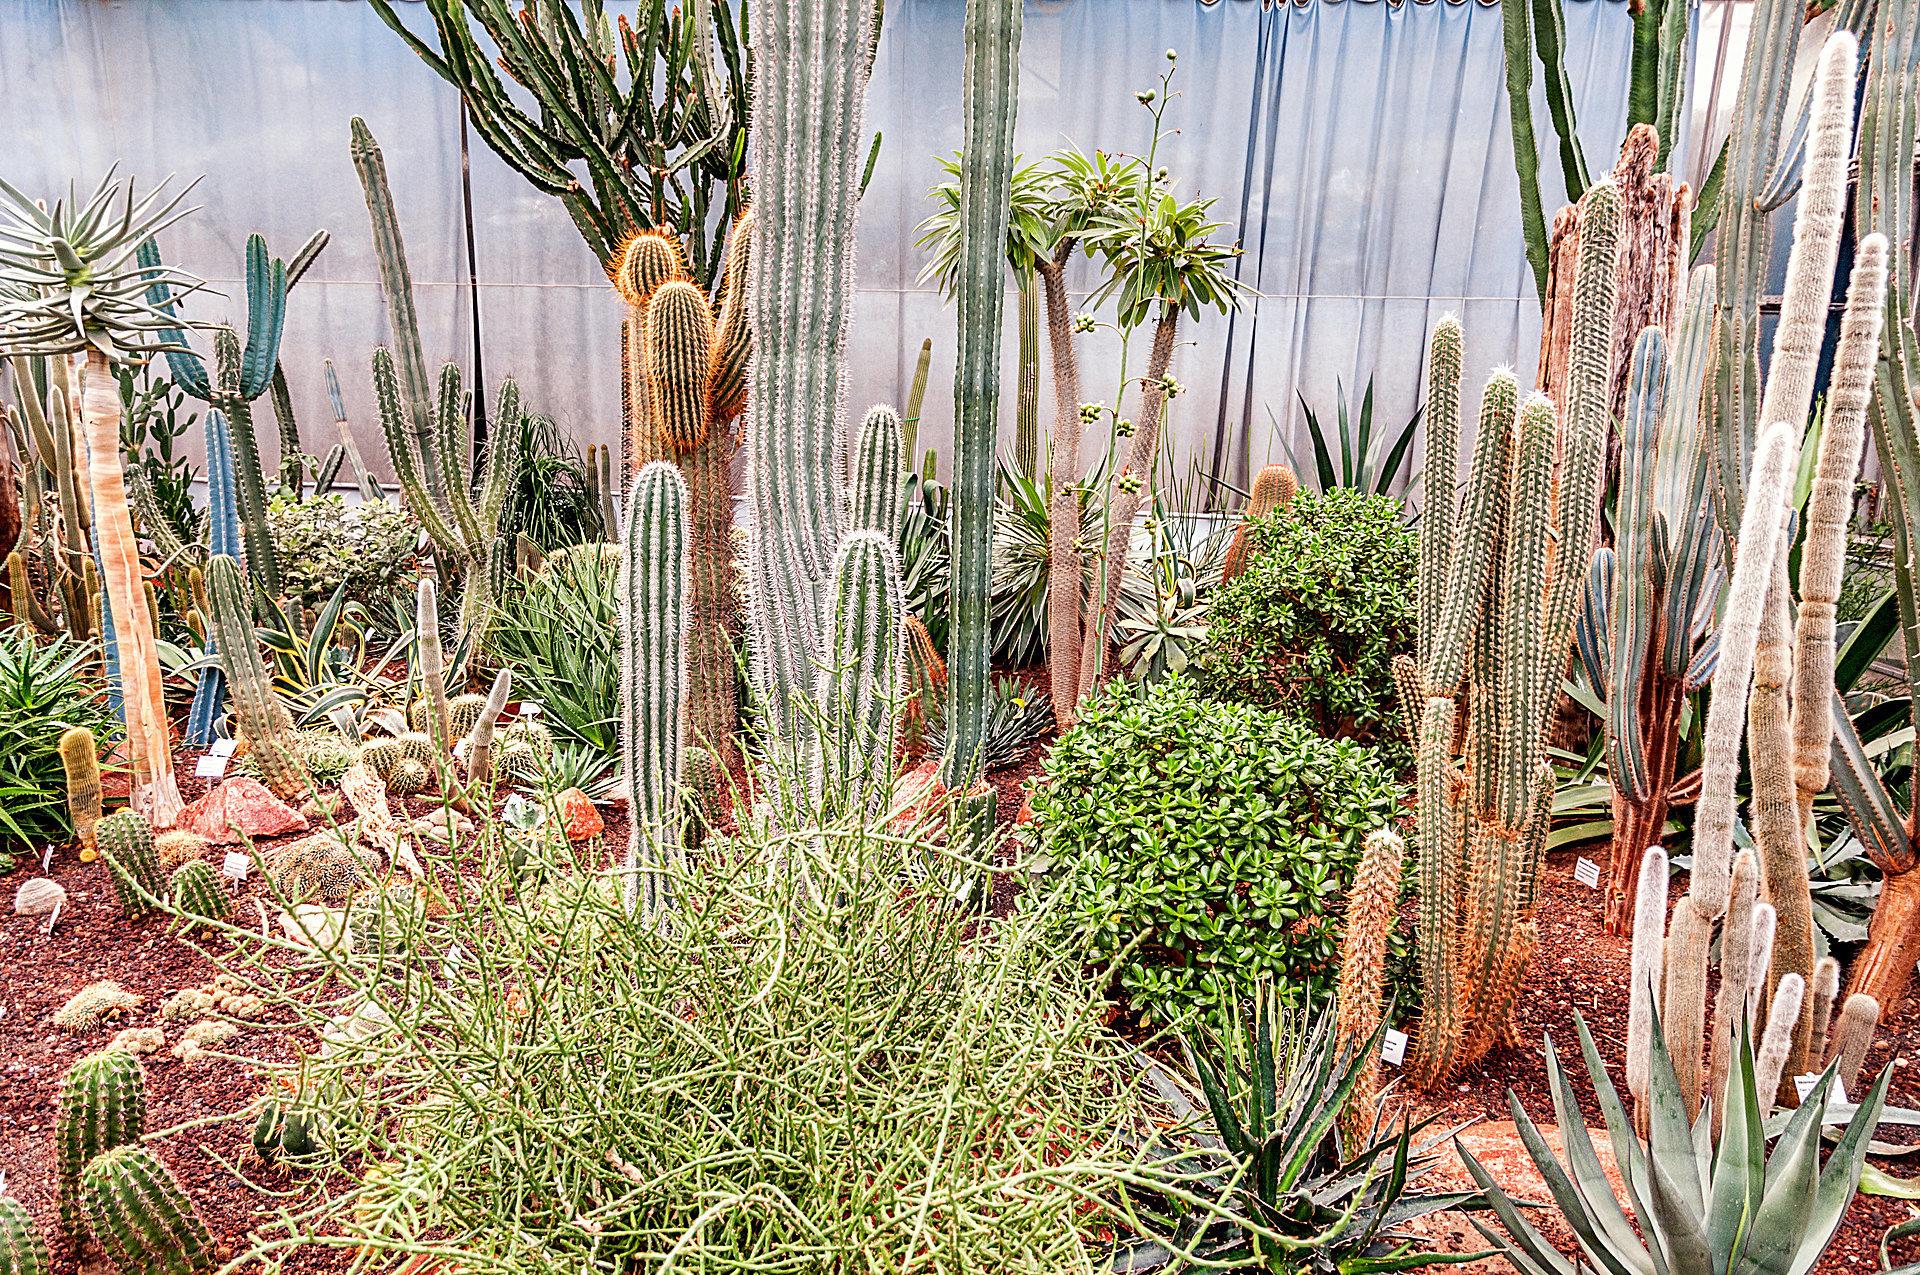 luisenpark mannheim fotos botanischer garten. Black Bedroom Furniture Sets. Home Design Ideas